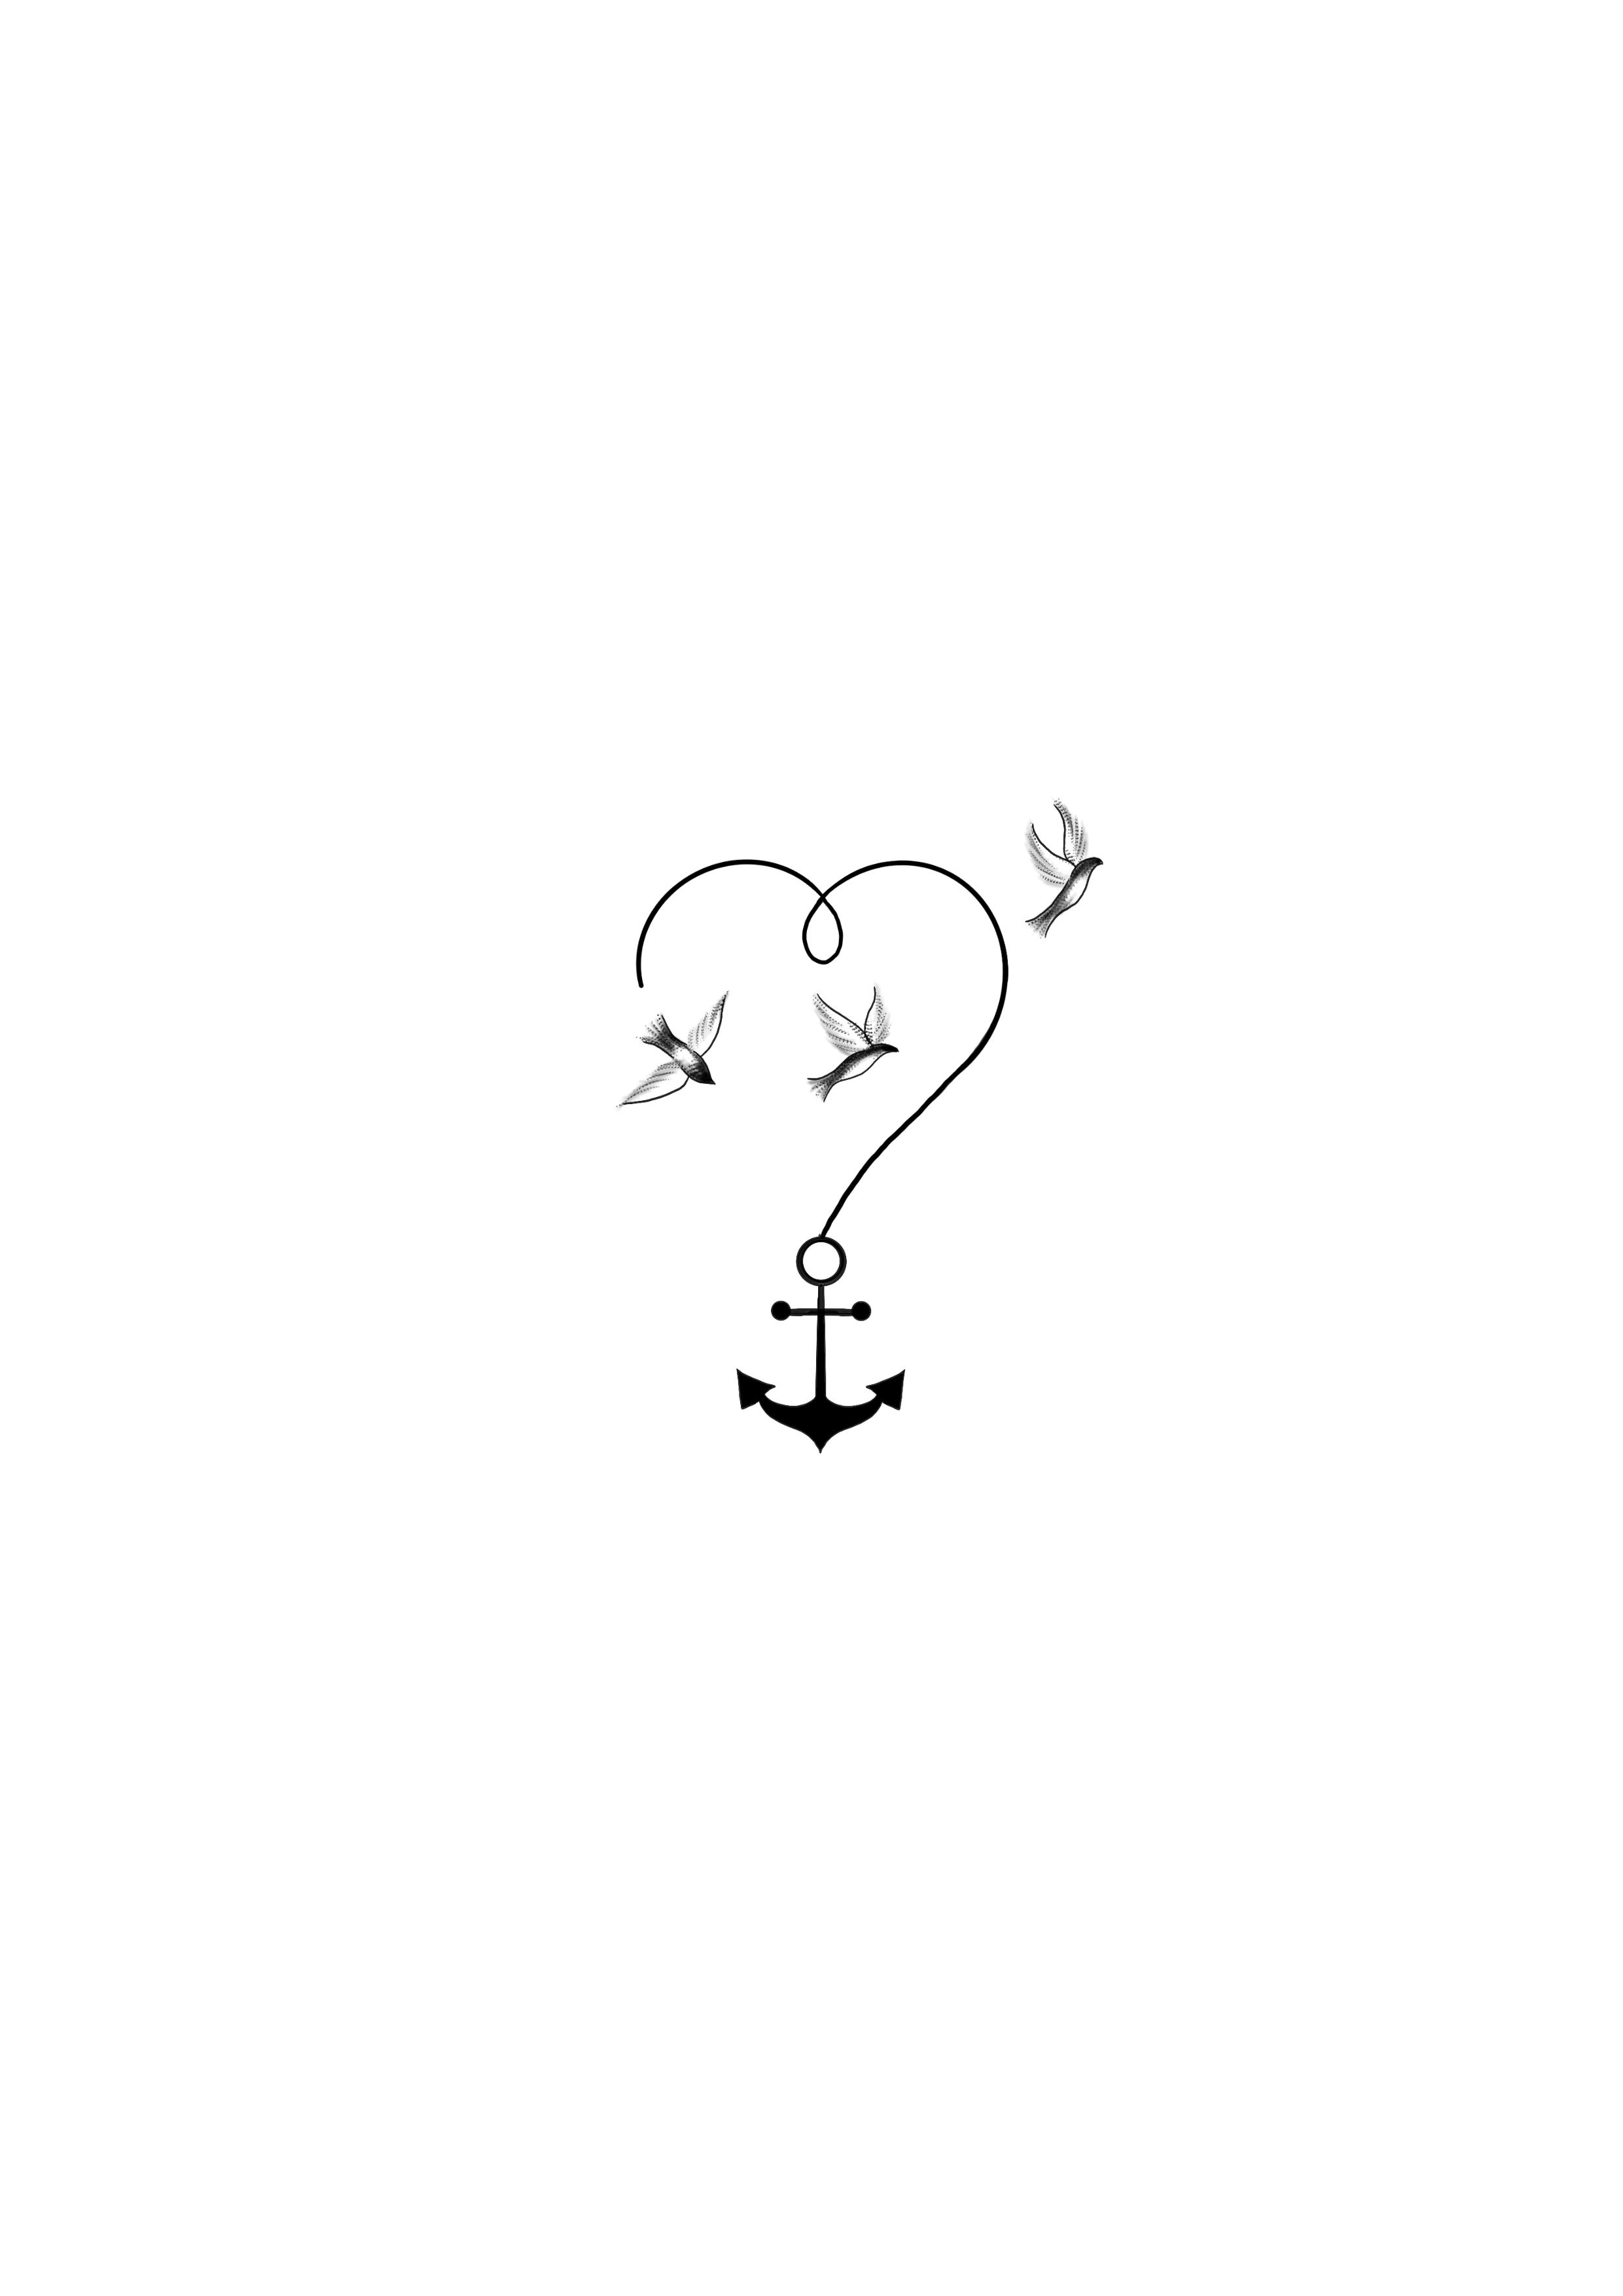 Pin De Yasmine Moment Em Art Ideias De Tatuagem Pequenas